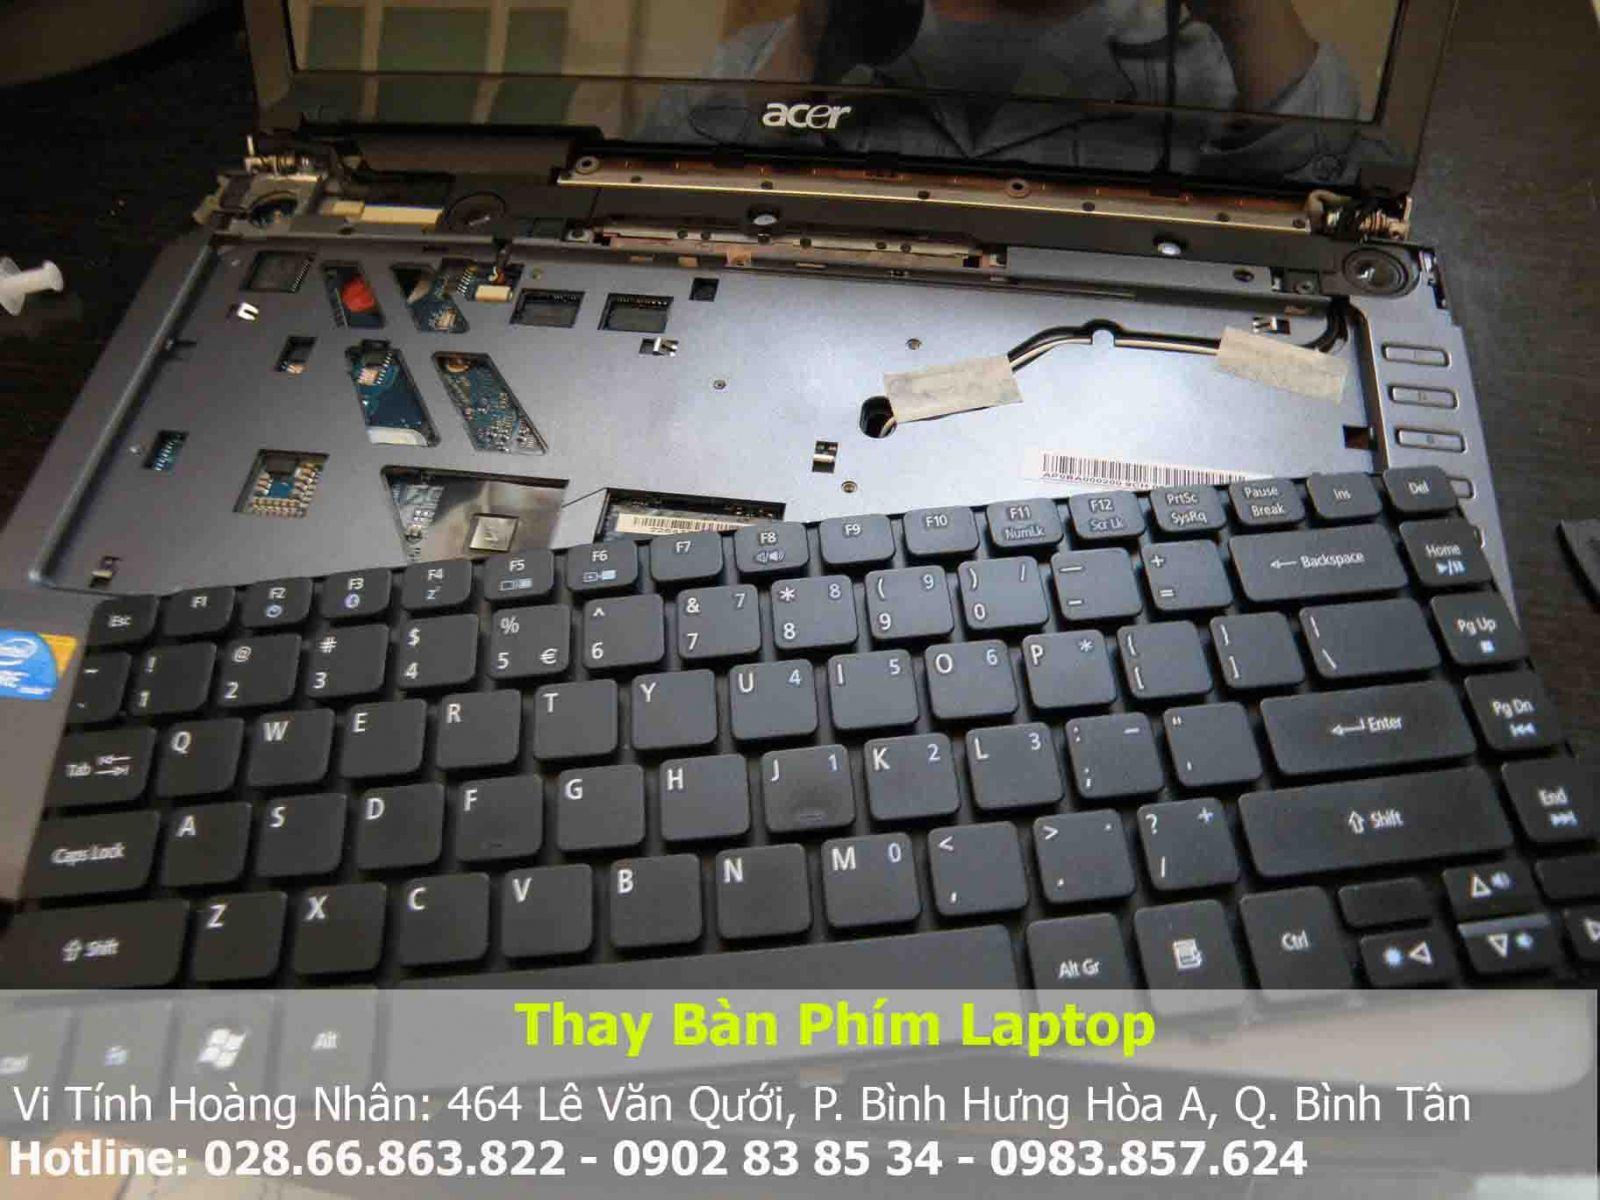 thay bàn phi, laptop tại quận bình tân, tân phú